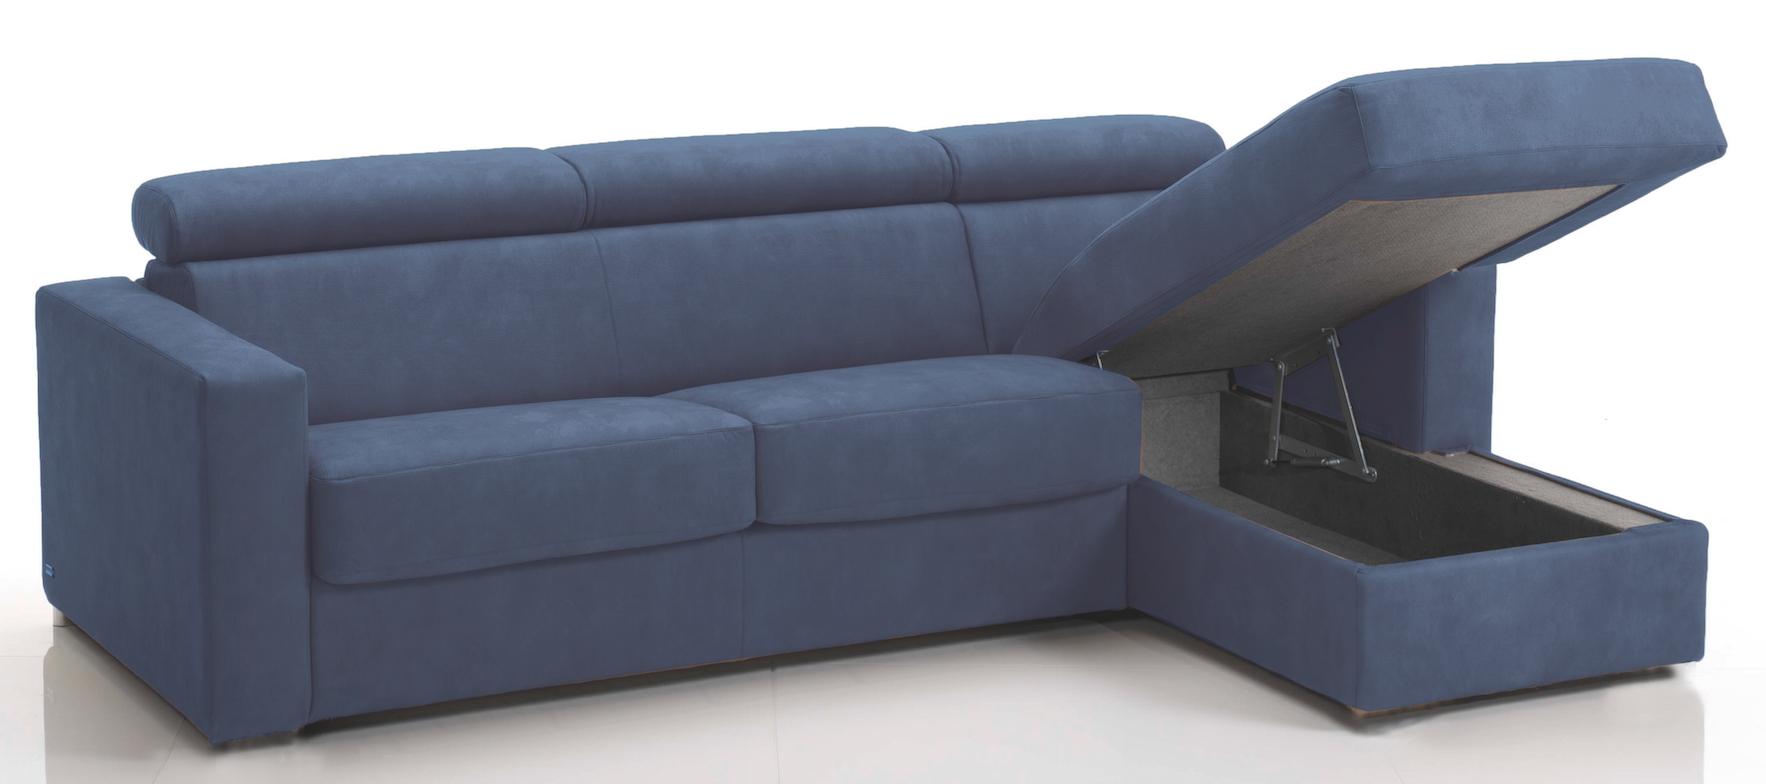 Canapé d\'angle convertible avec têtières Revêtement Microfibre Bleu ...